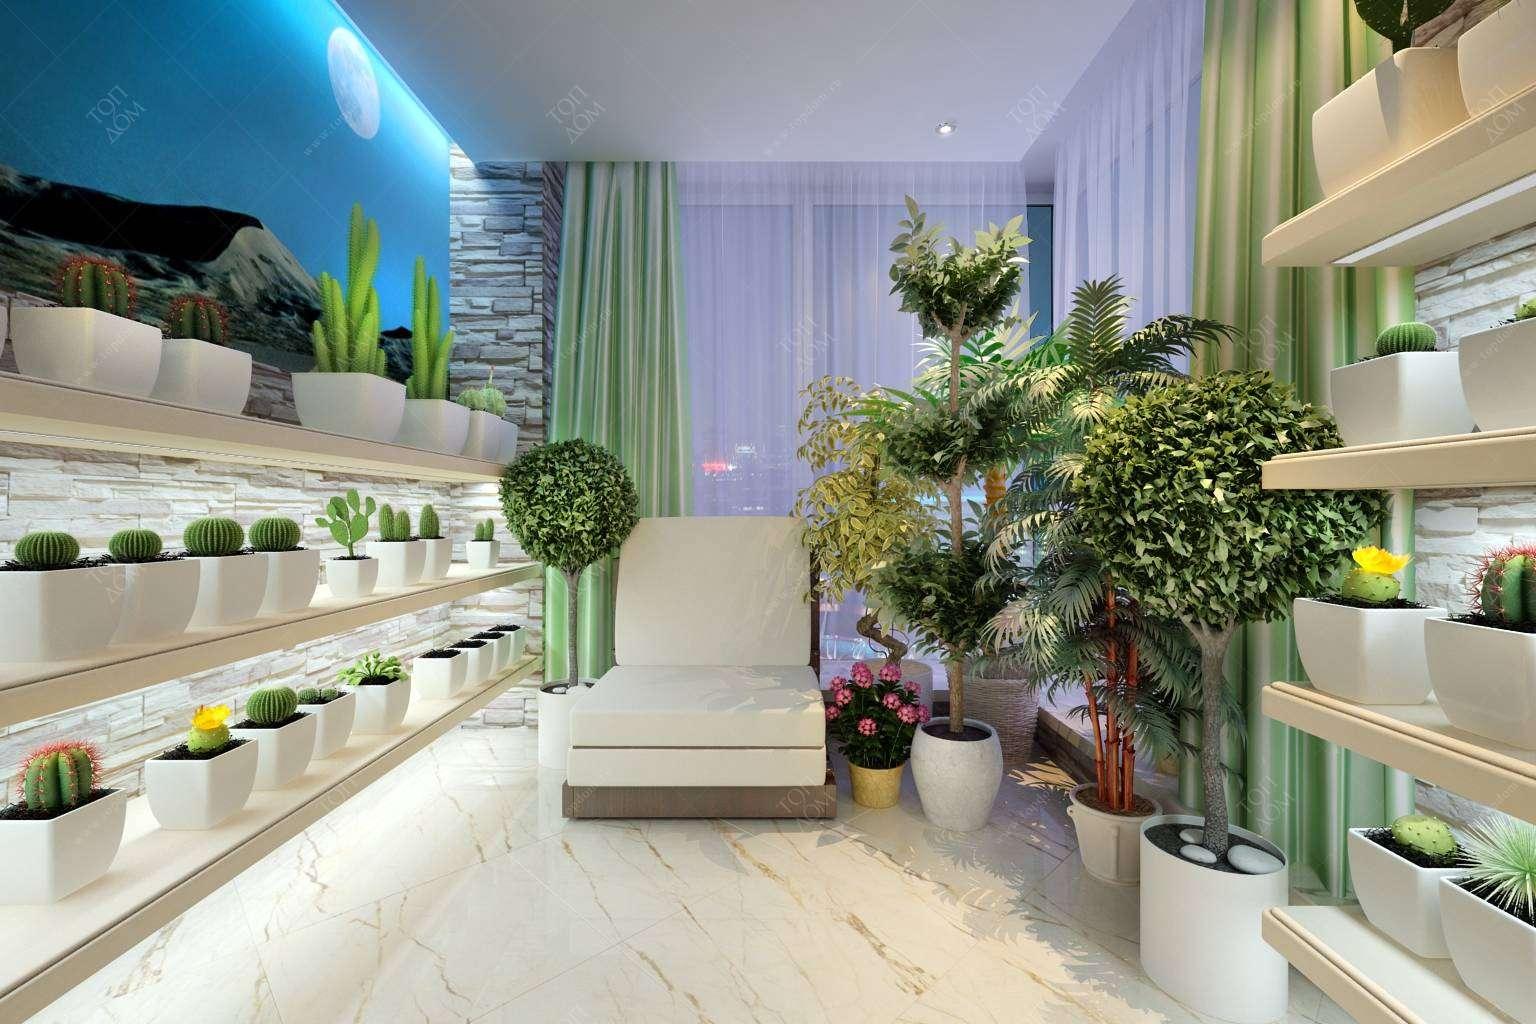 картинки с растениями в квартире спальников автомобили просторах